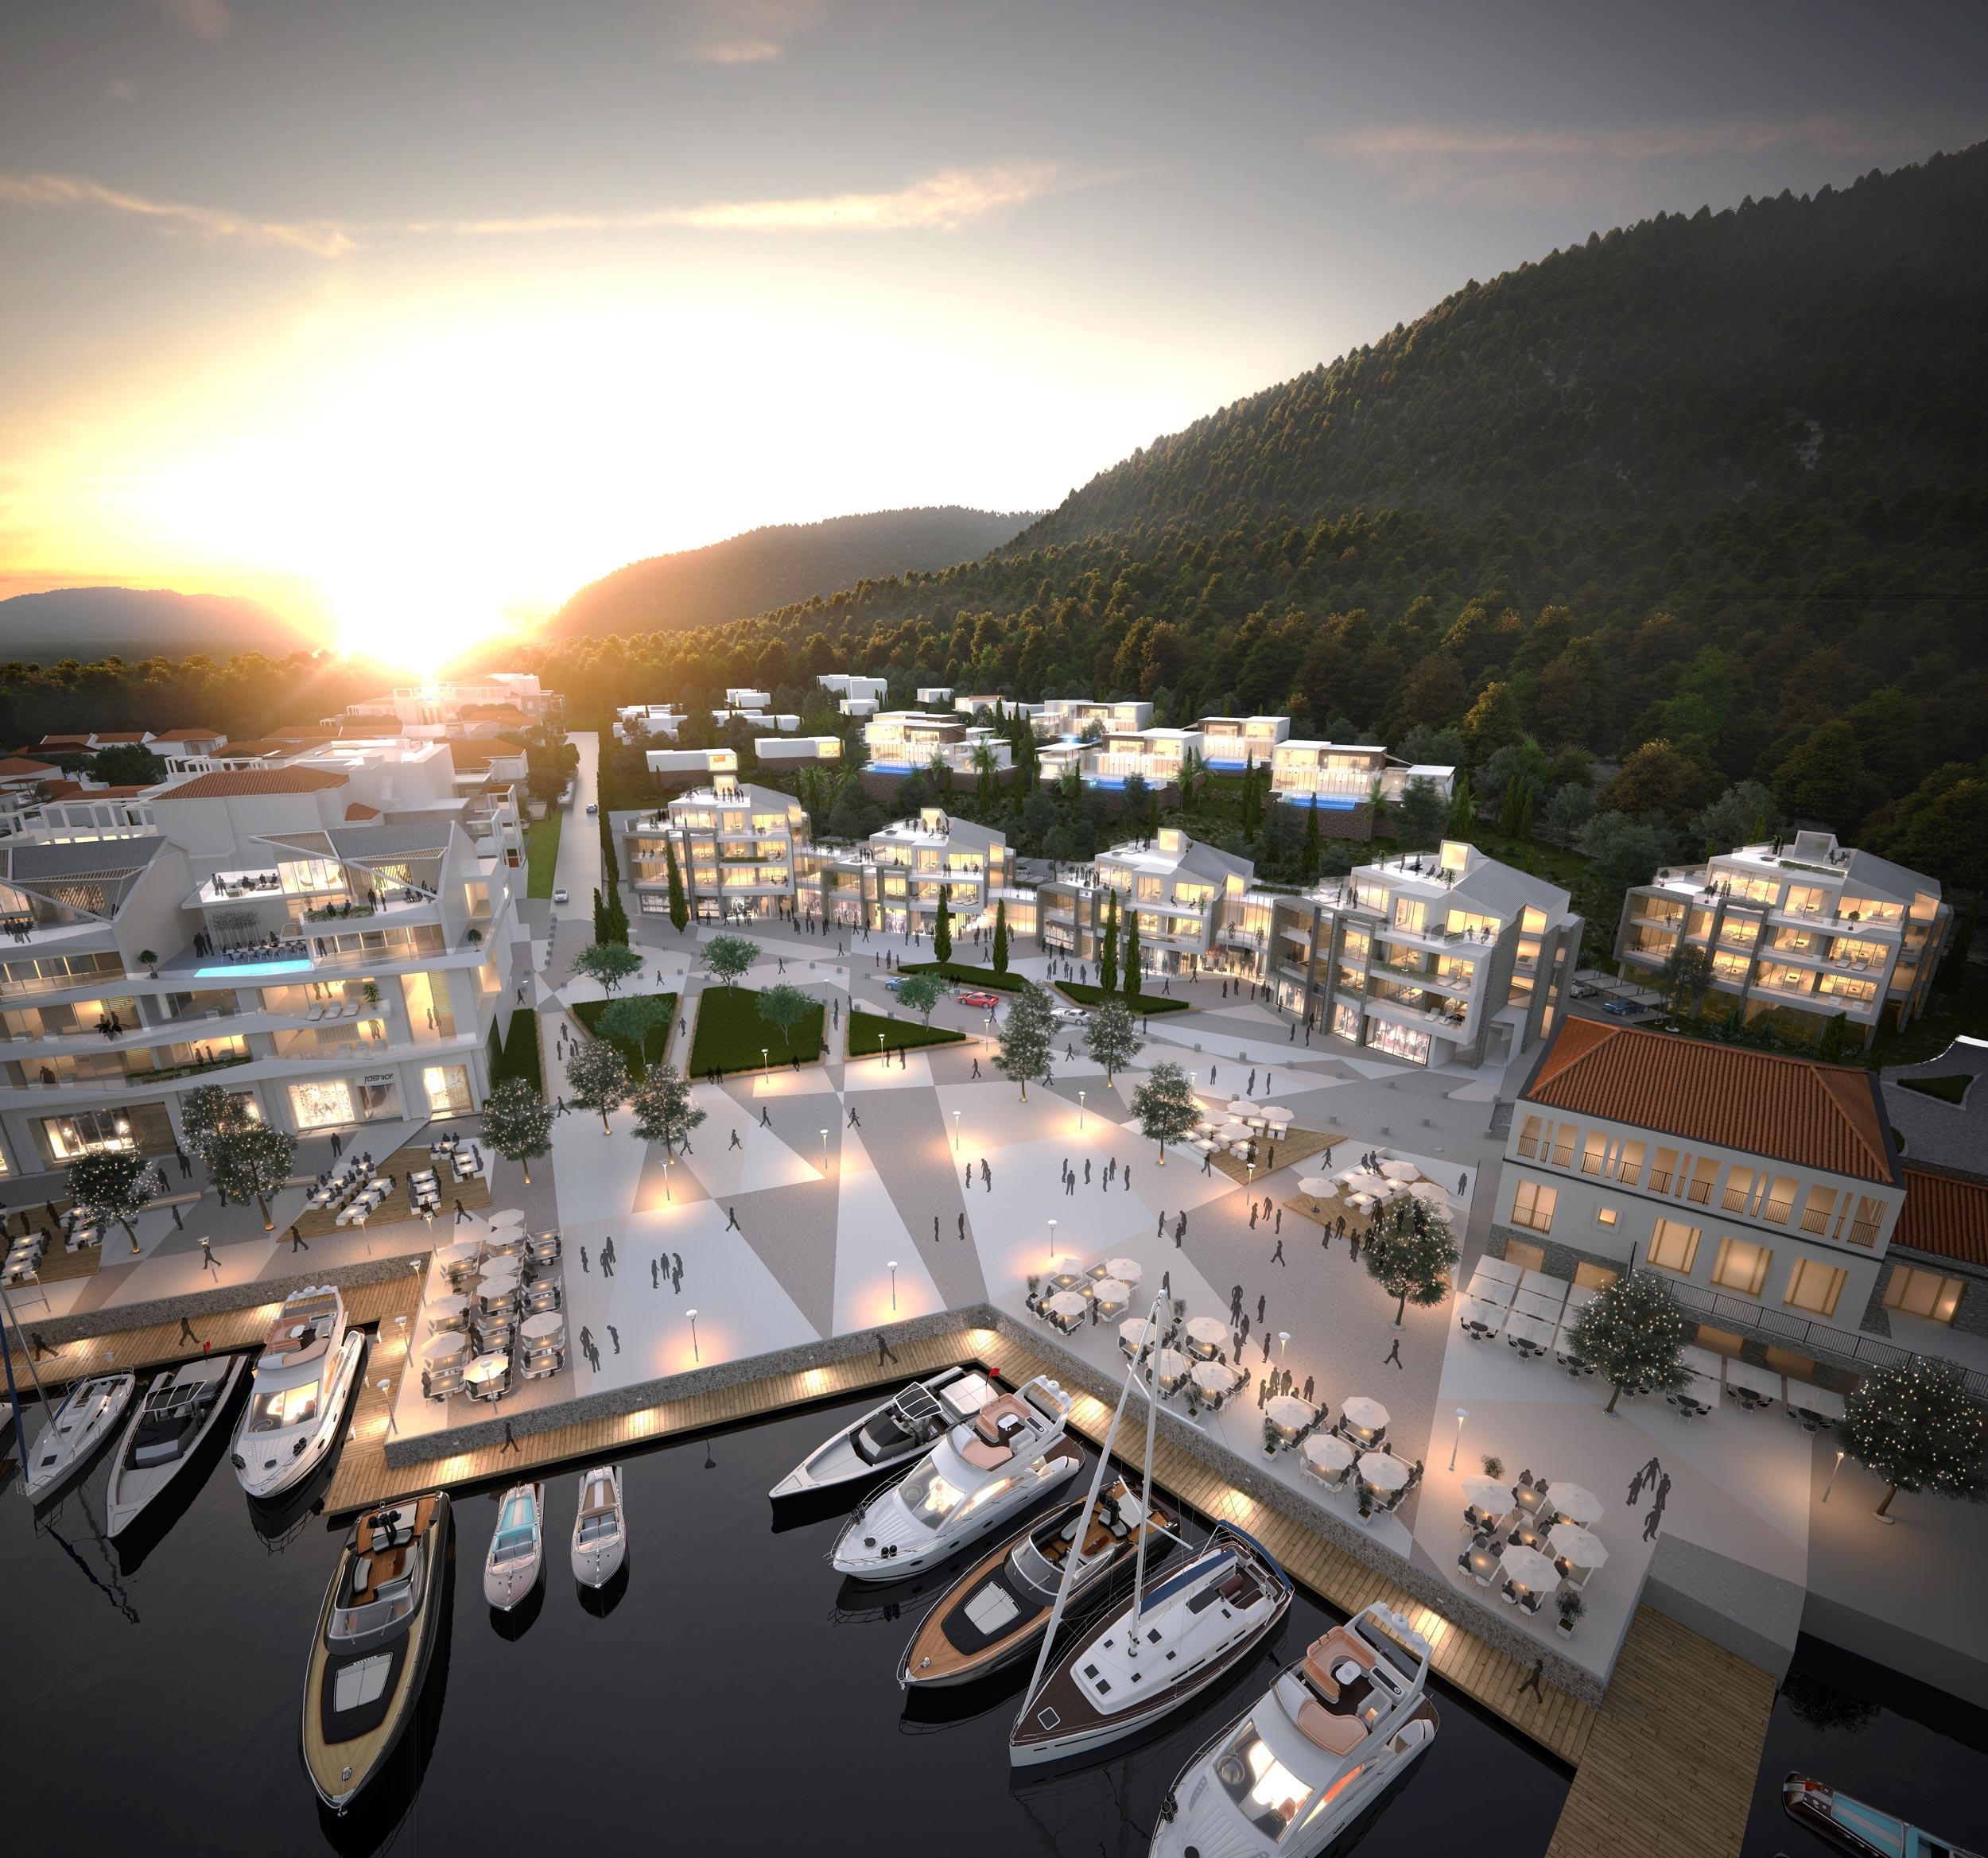 Elite-resort-with-luxury-apartments-in-Herceg-Novi (25).jpg